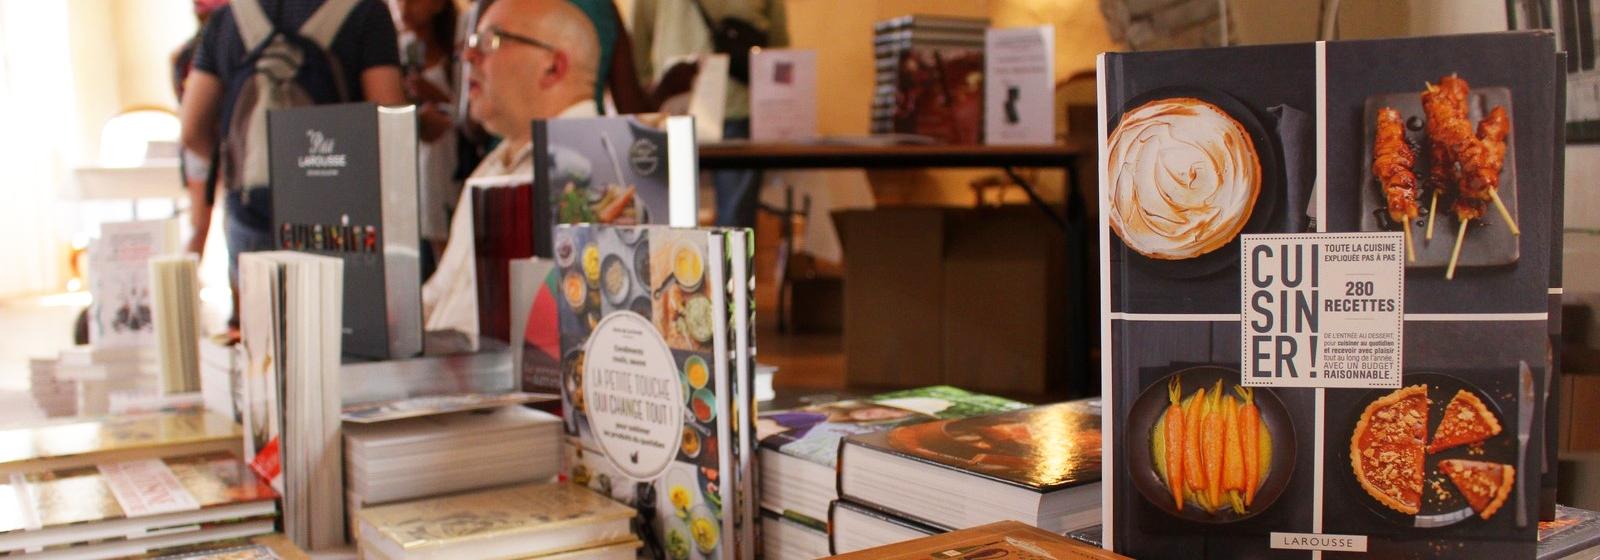 Salon du Livre de Cuisine 2016 à Cordes sur Ciel